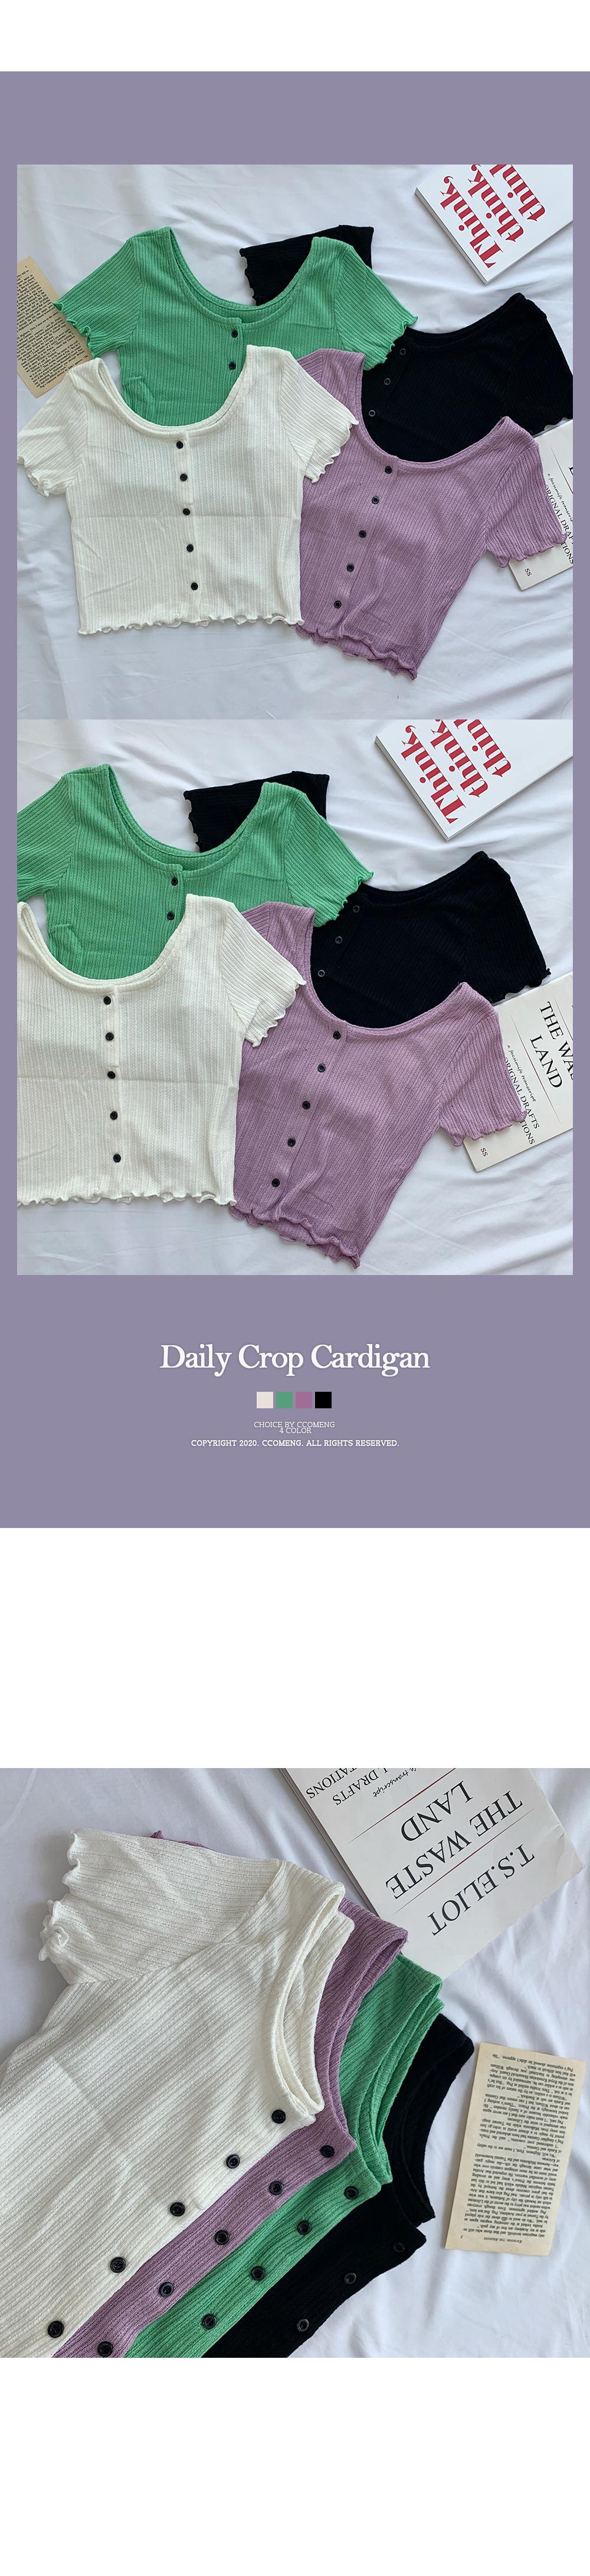 Jaka punching crop cardigan